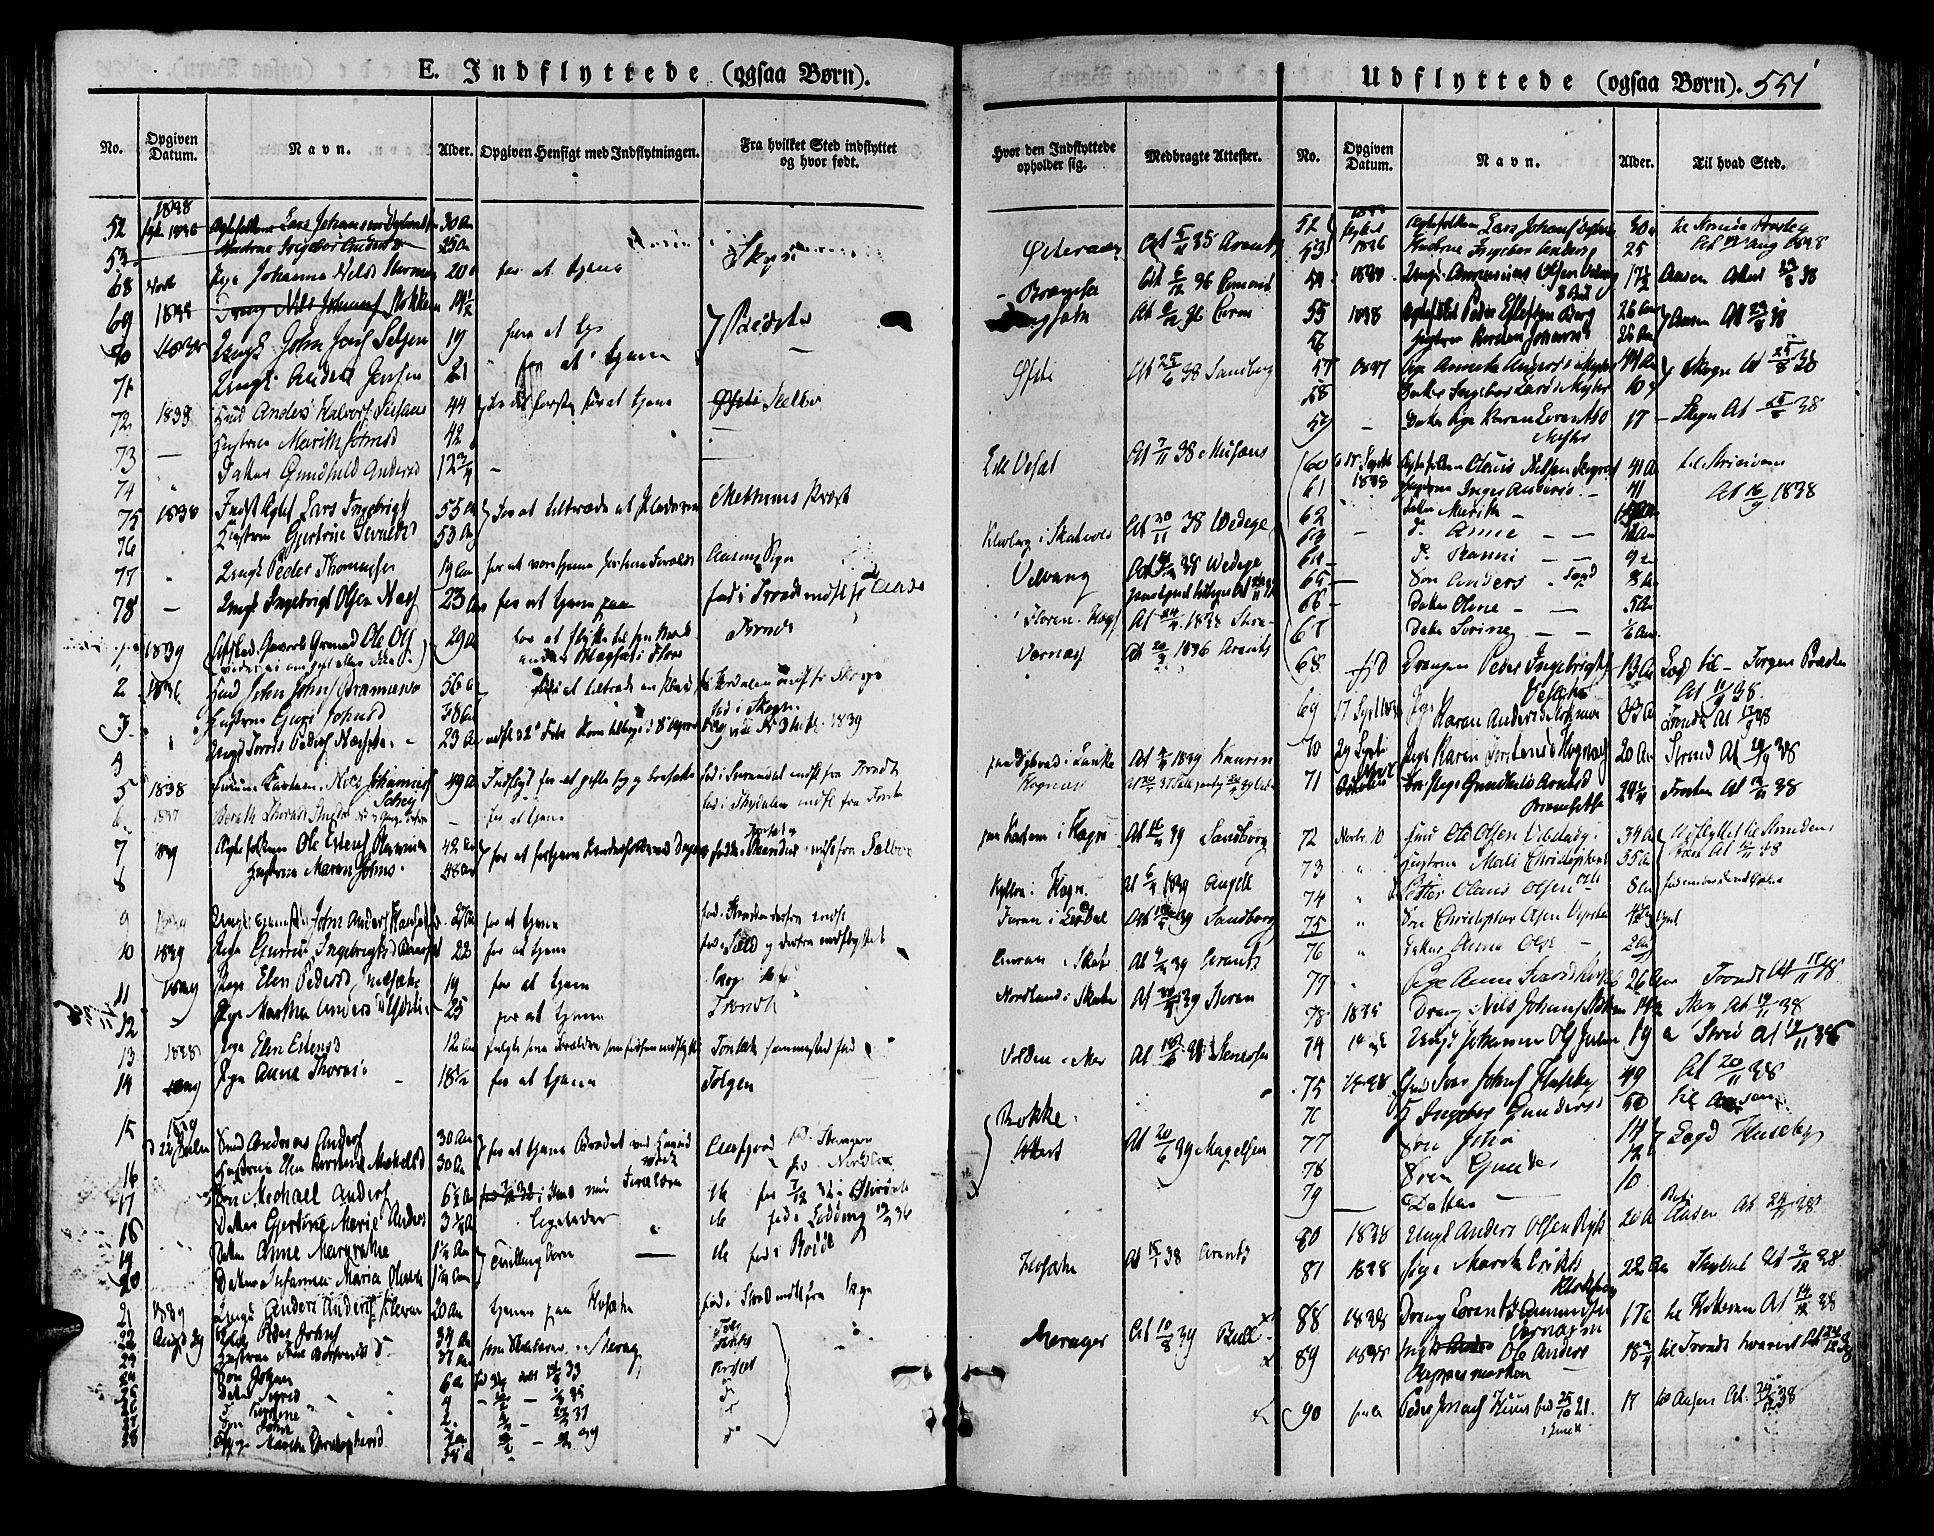 SAT, Ministerialprotokoller, klokkerbøker og fødselsregistre - Nord-Trøndelag, 709/L0072: Ministerialbok nr. 709A12, 1833-1844, s. 551